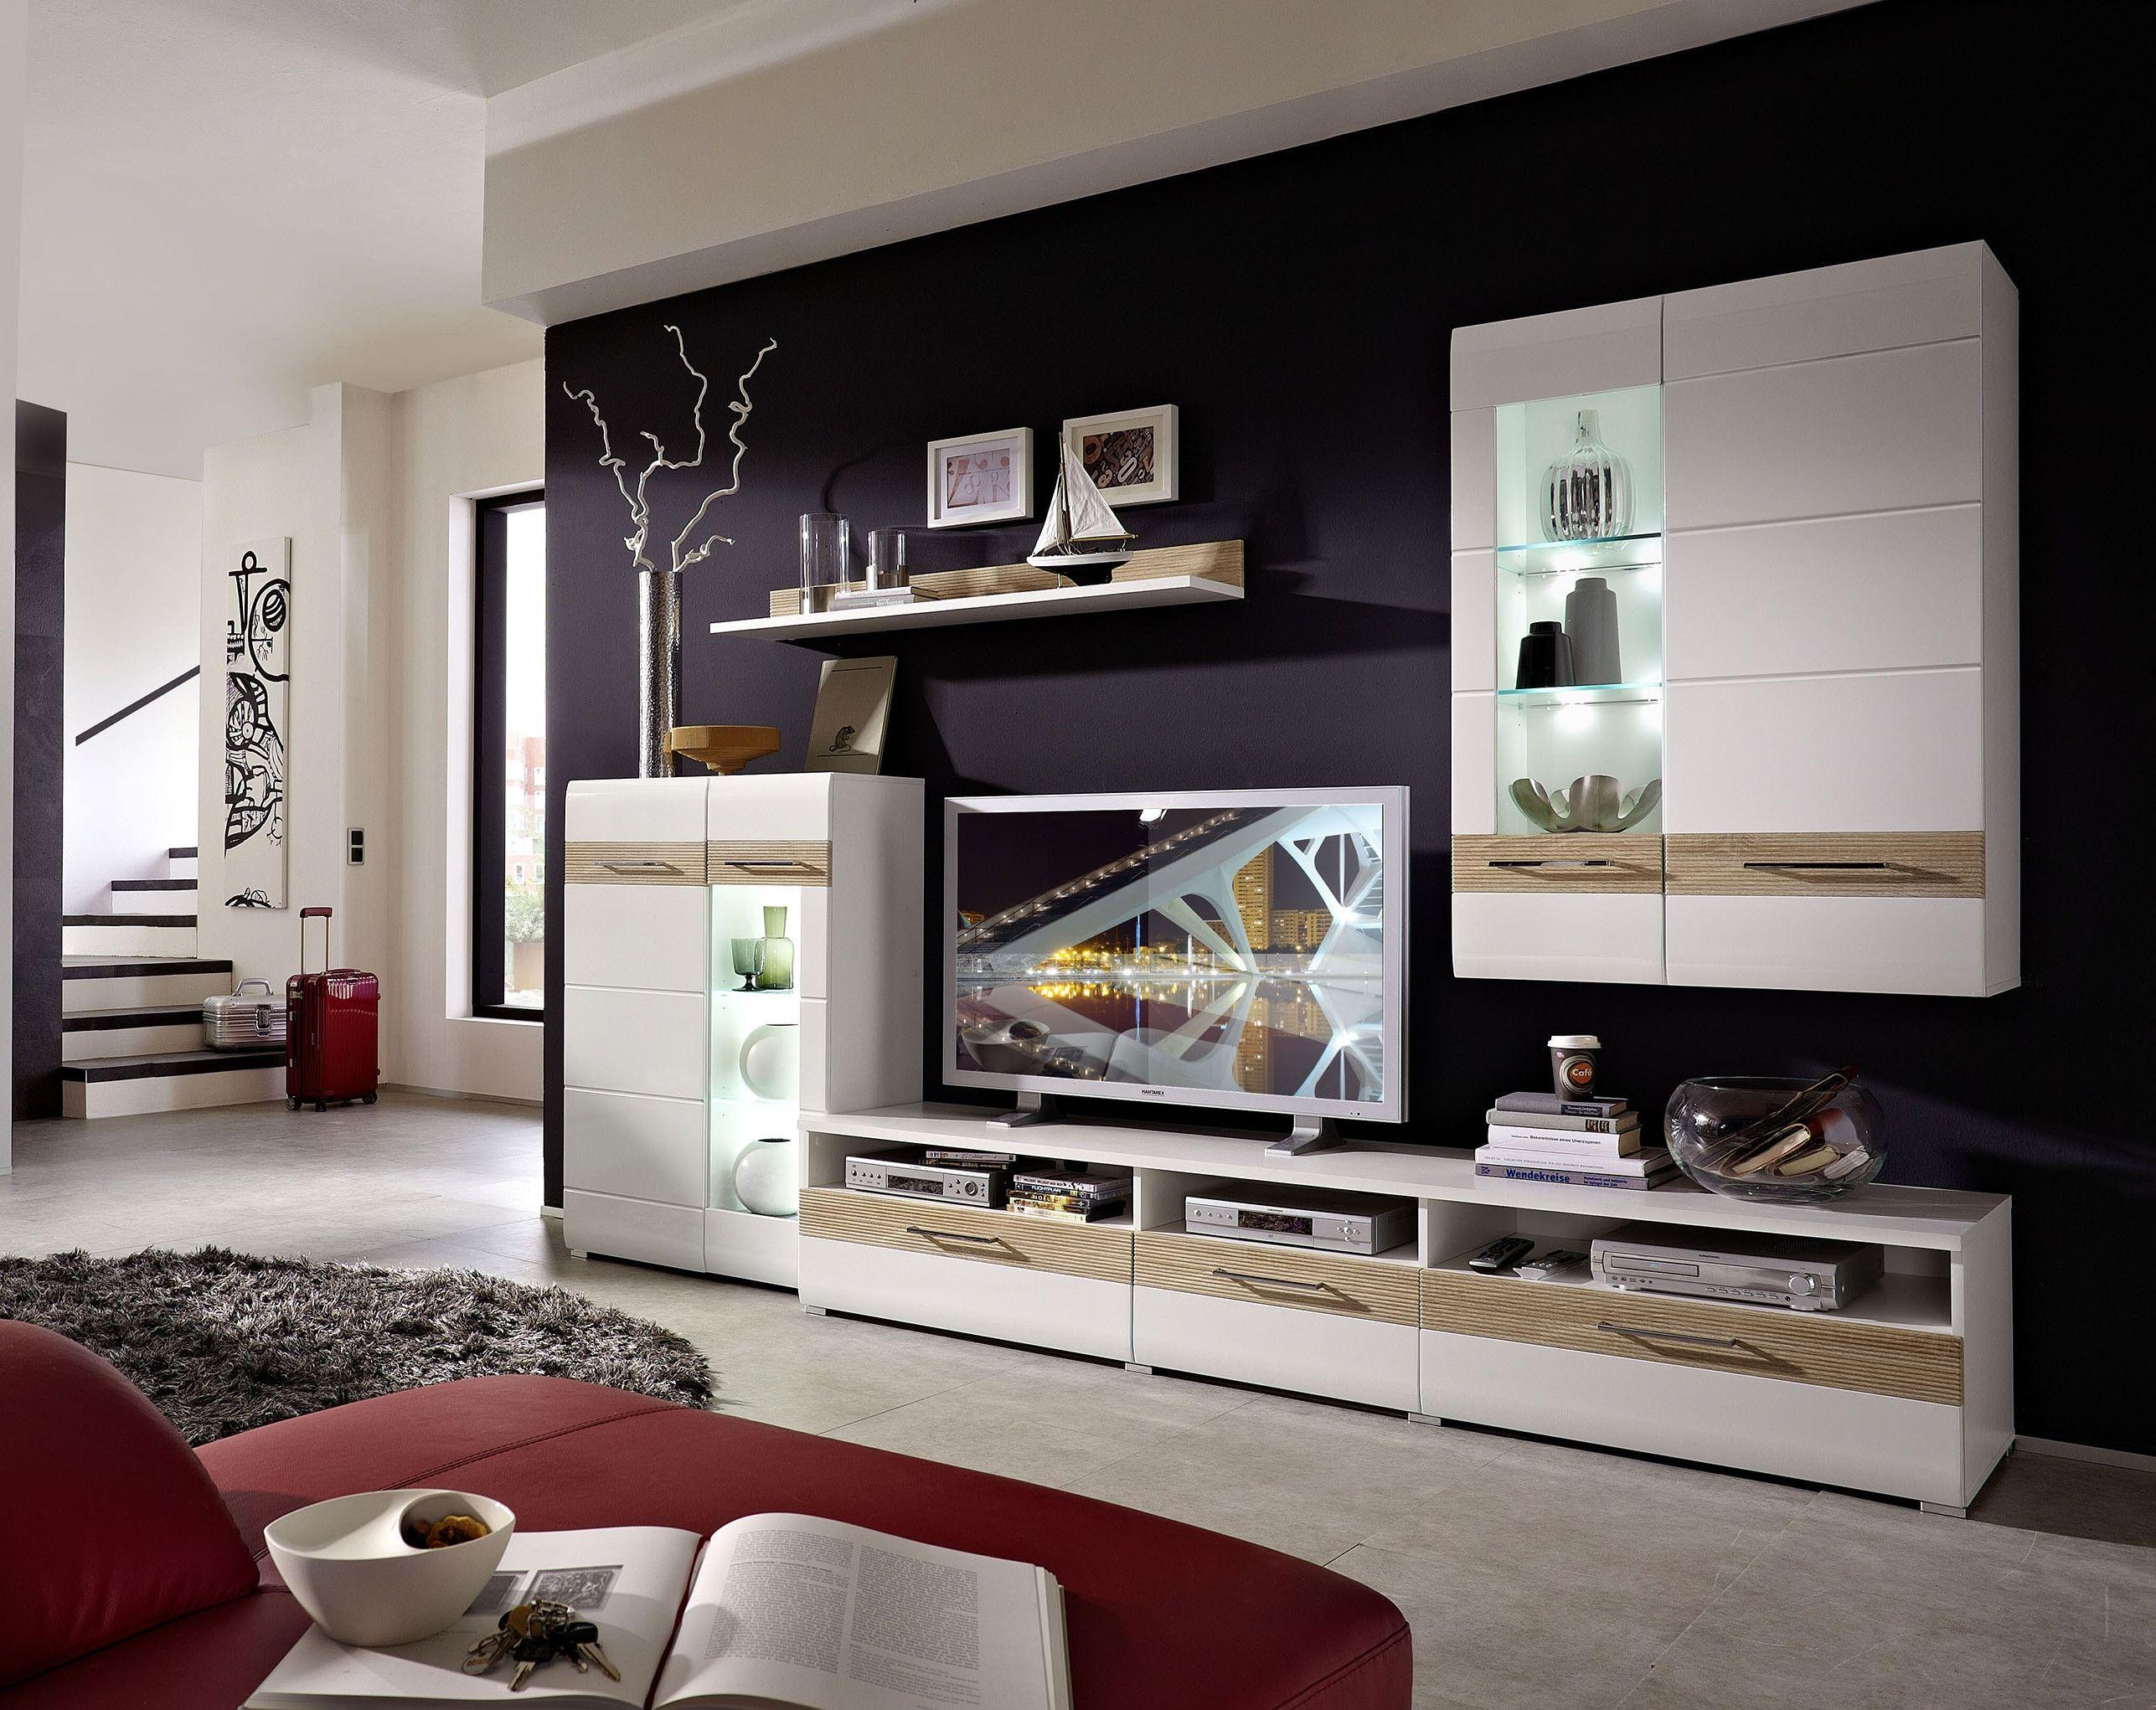 Wohnwand modern eiche weiß  Nett wohnwand angebot | Deutsche Deko | Pinterest | Wohnwand weiss ...